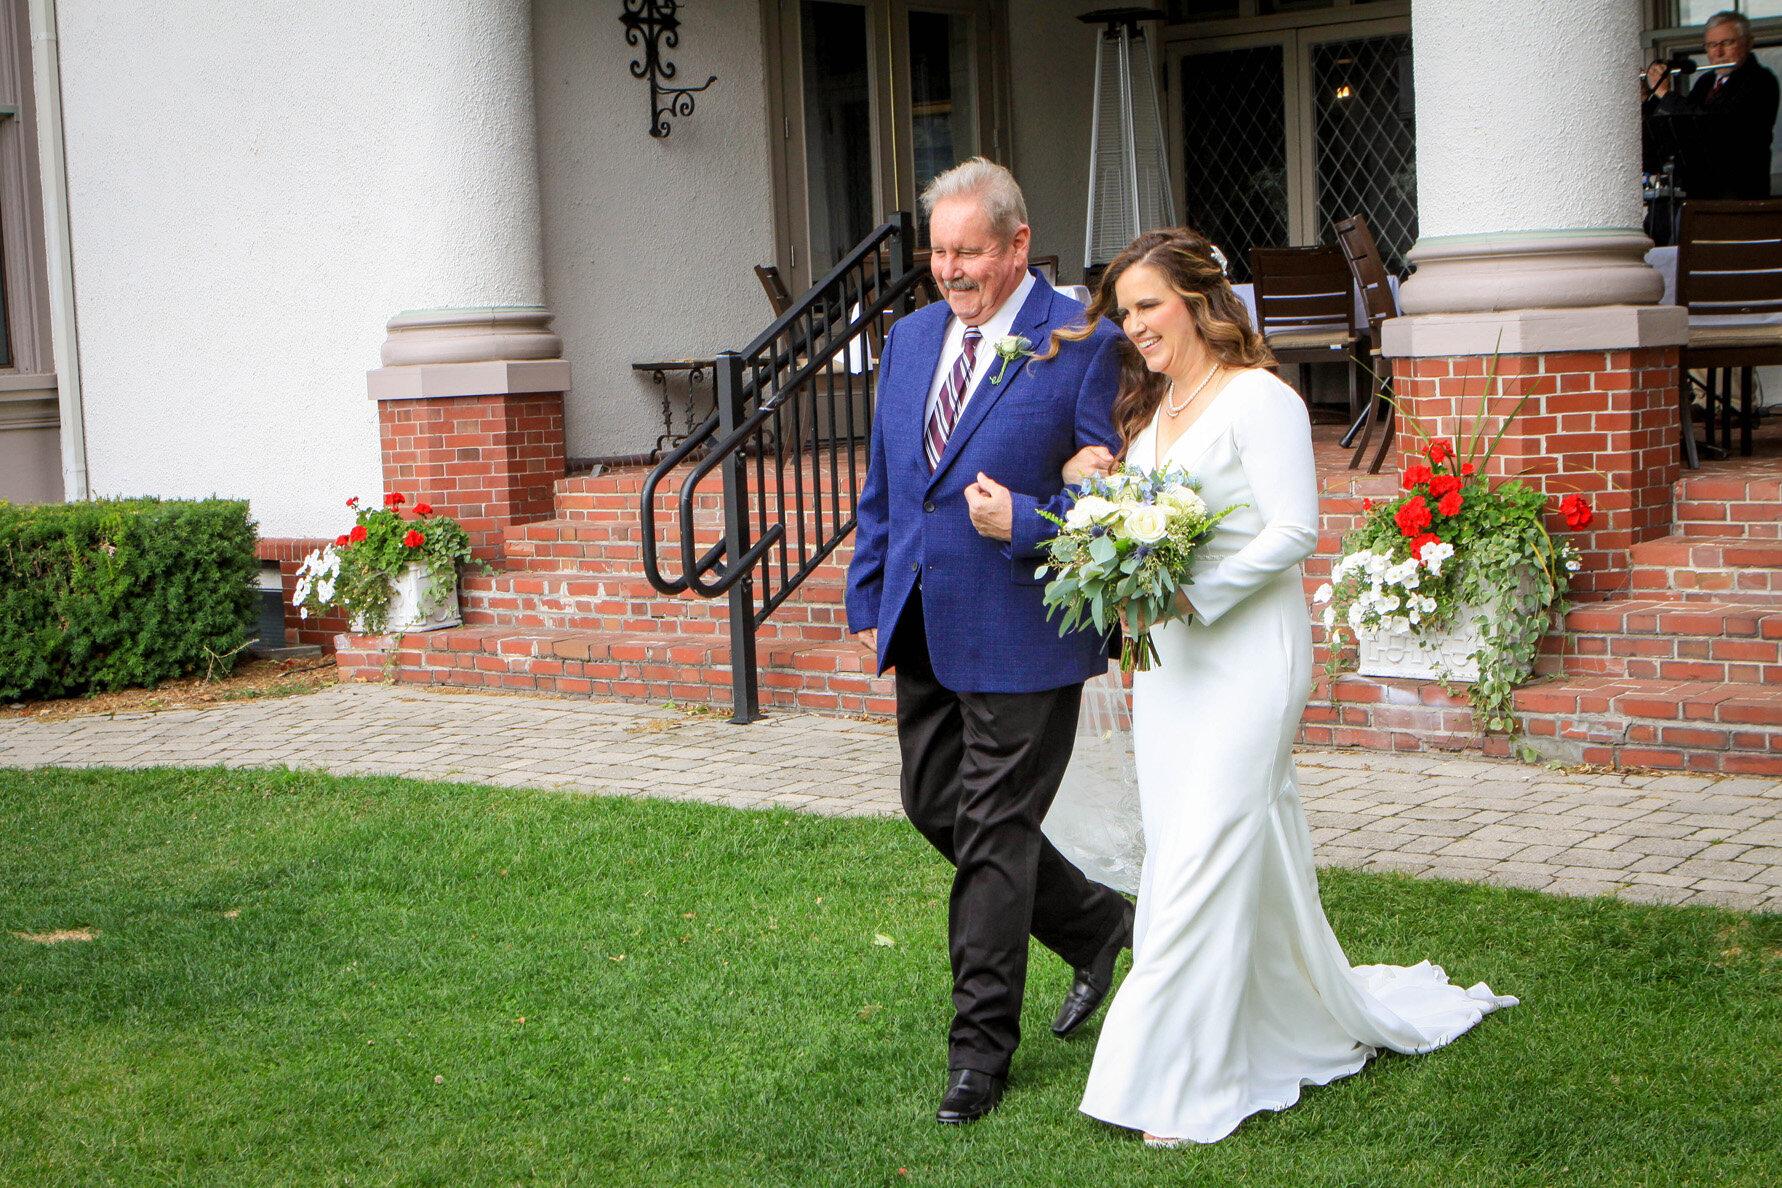 a09_Stonecliffe Wedding.jpg